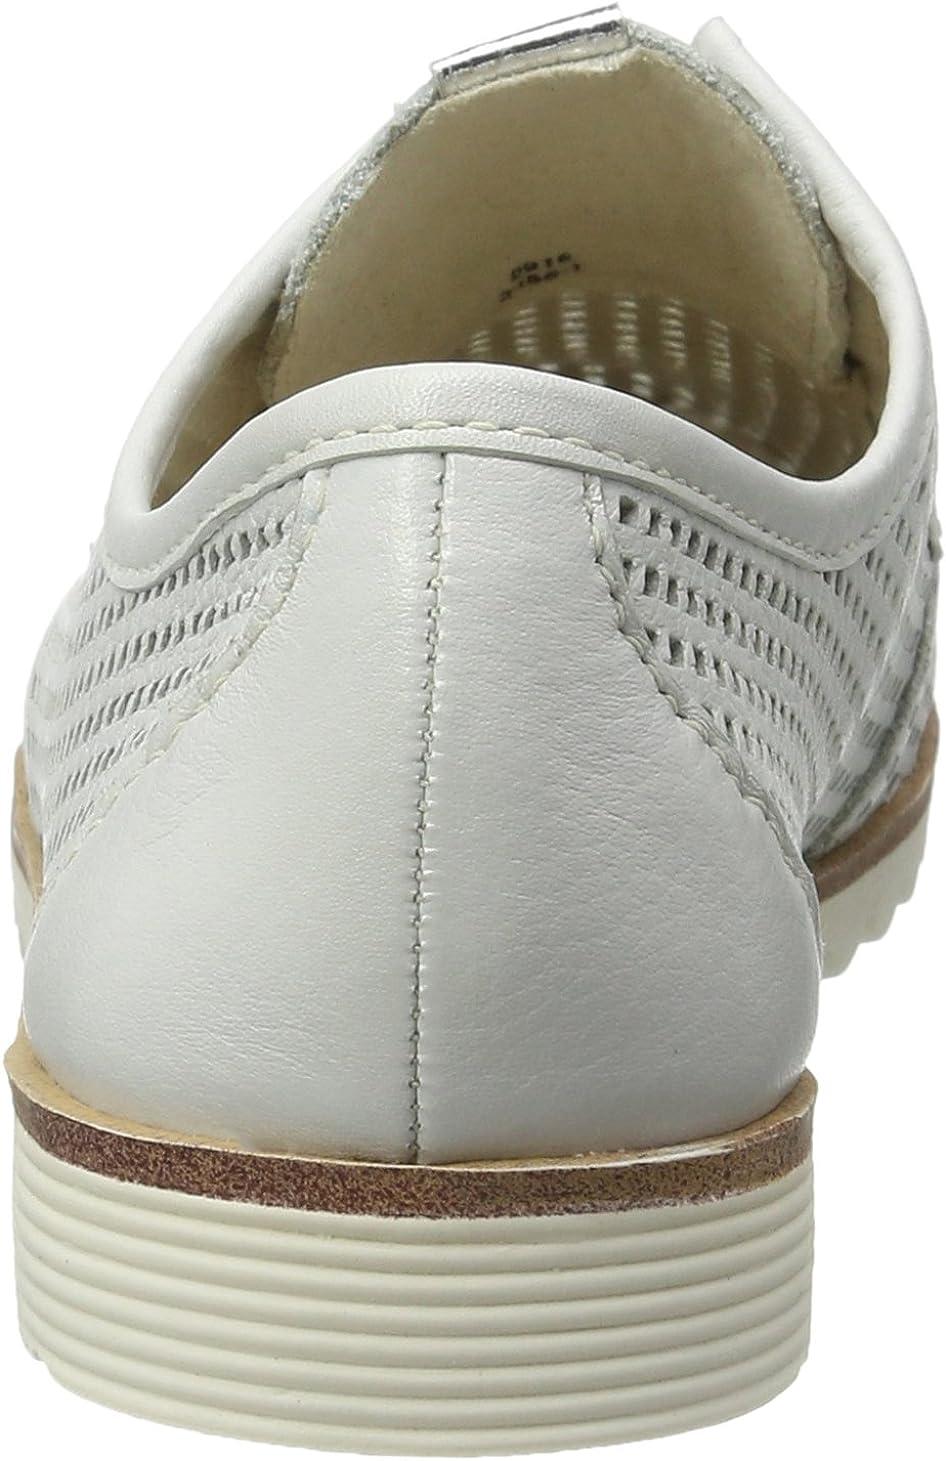 Tamaris 23603 Zapatillas Mujer